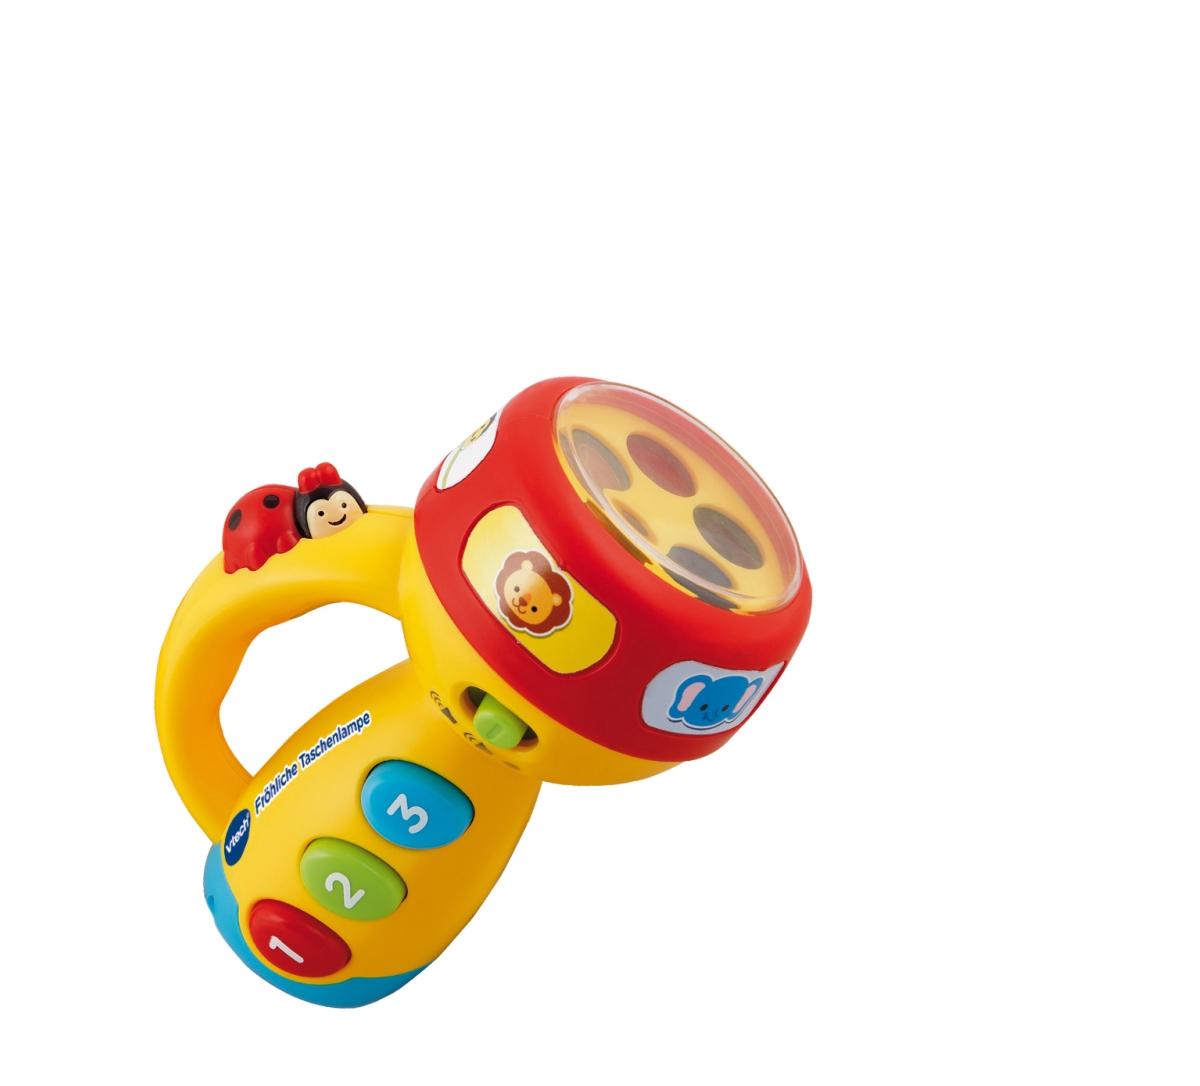 VTech Baby 80-124004 - Fröhliche Taschenlampe - zum Schließen ins Bild klicken